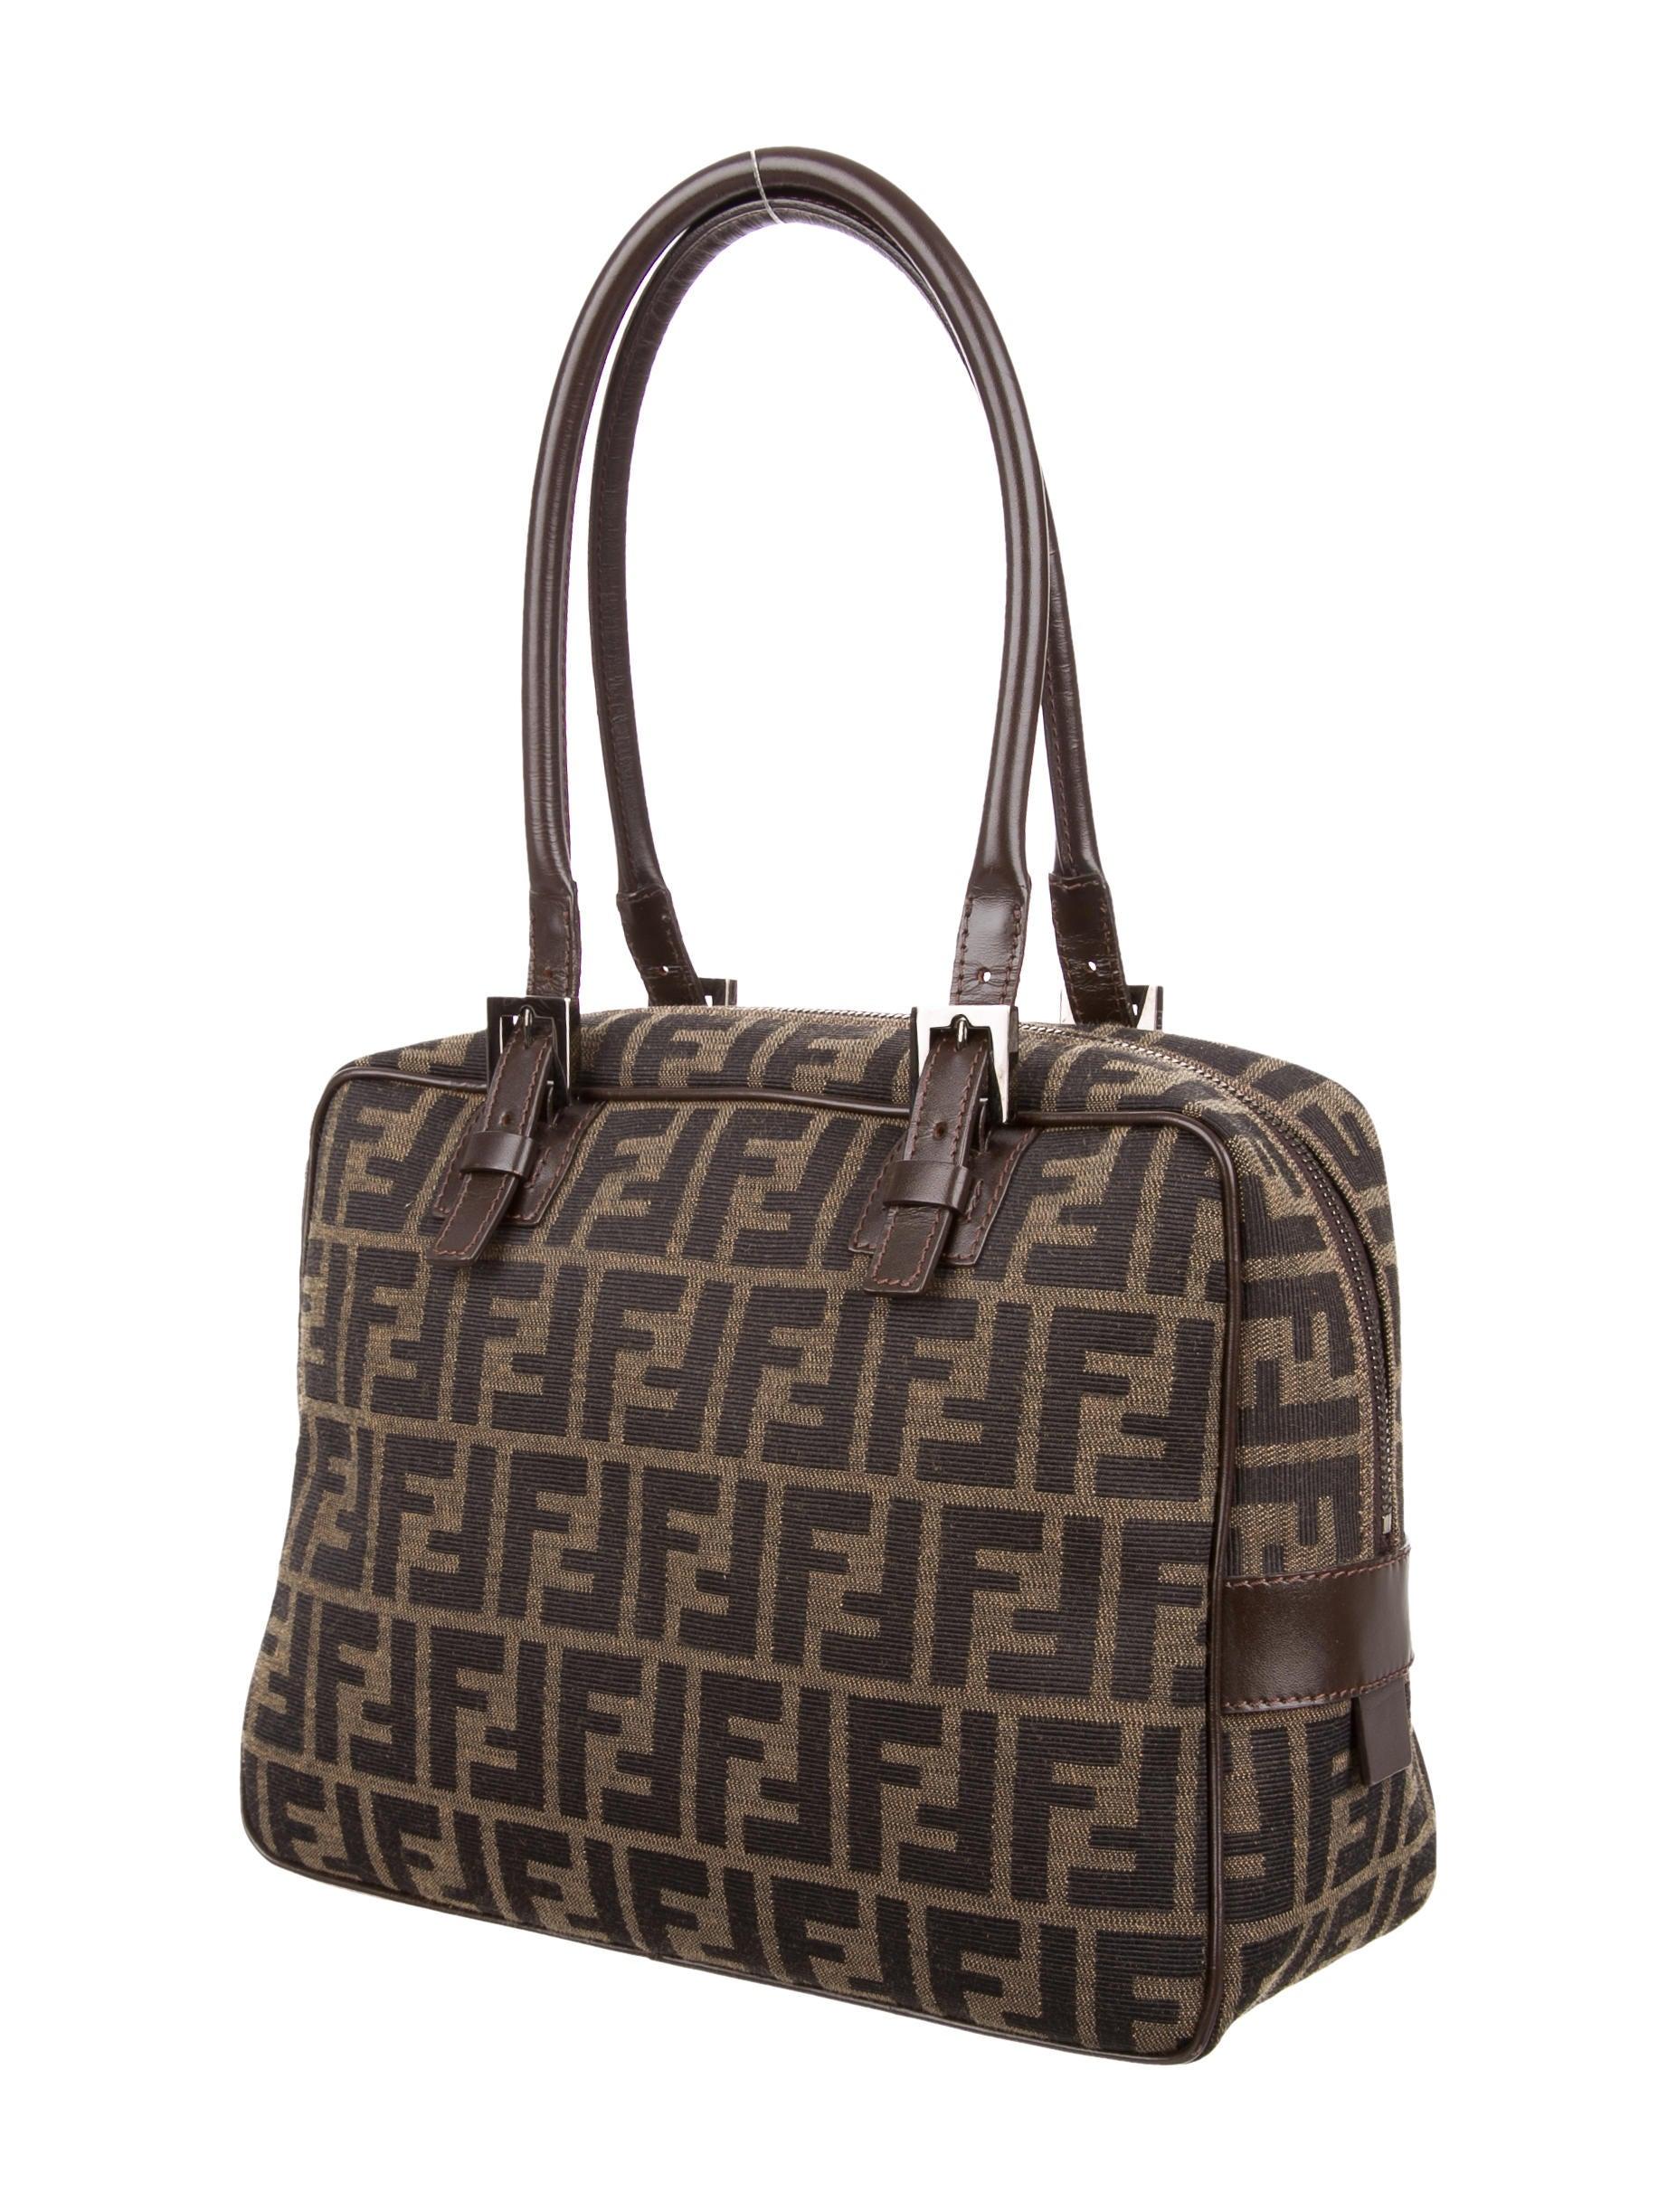 Fendi Zucca Shoulder Bag Handbags Fen54067 The Realreal